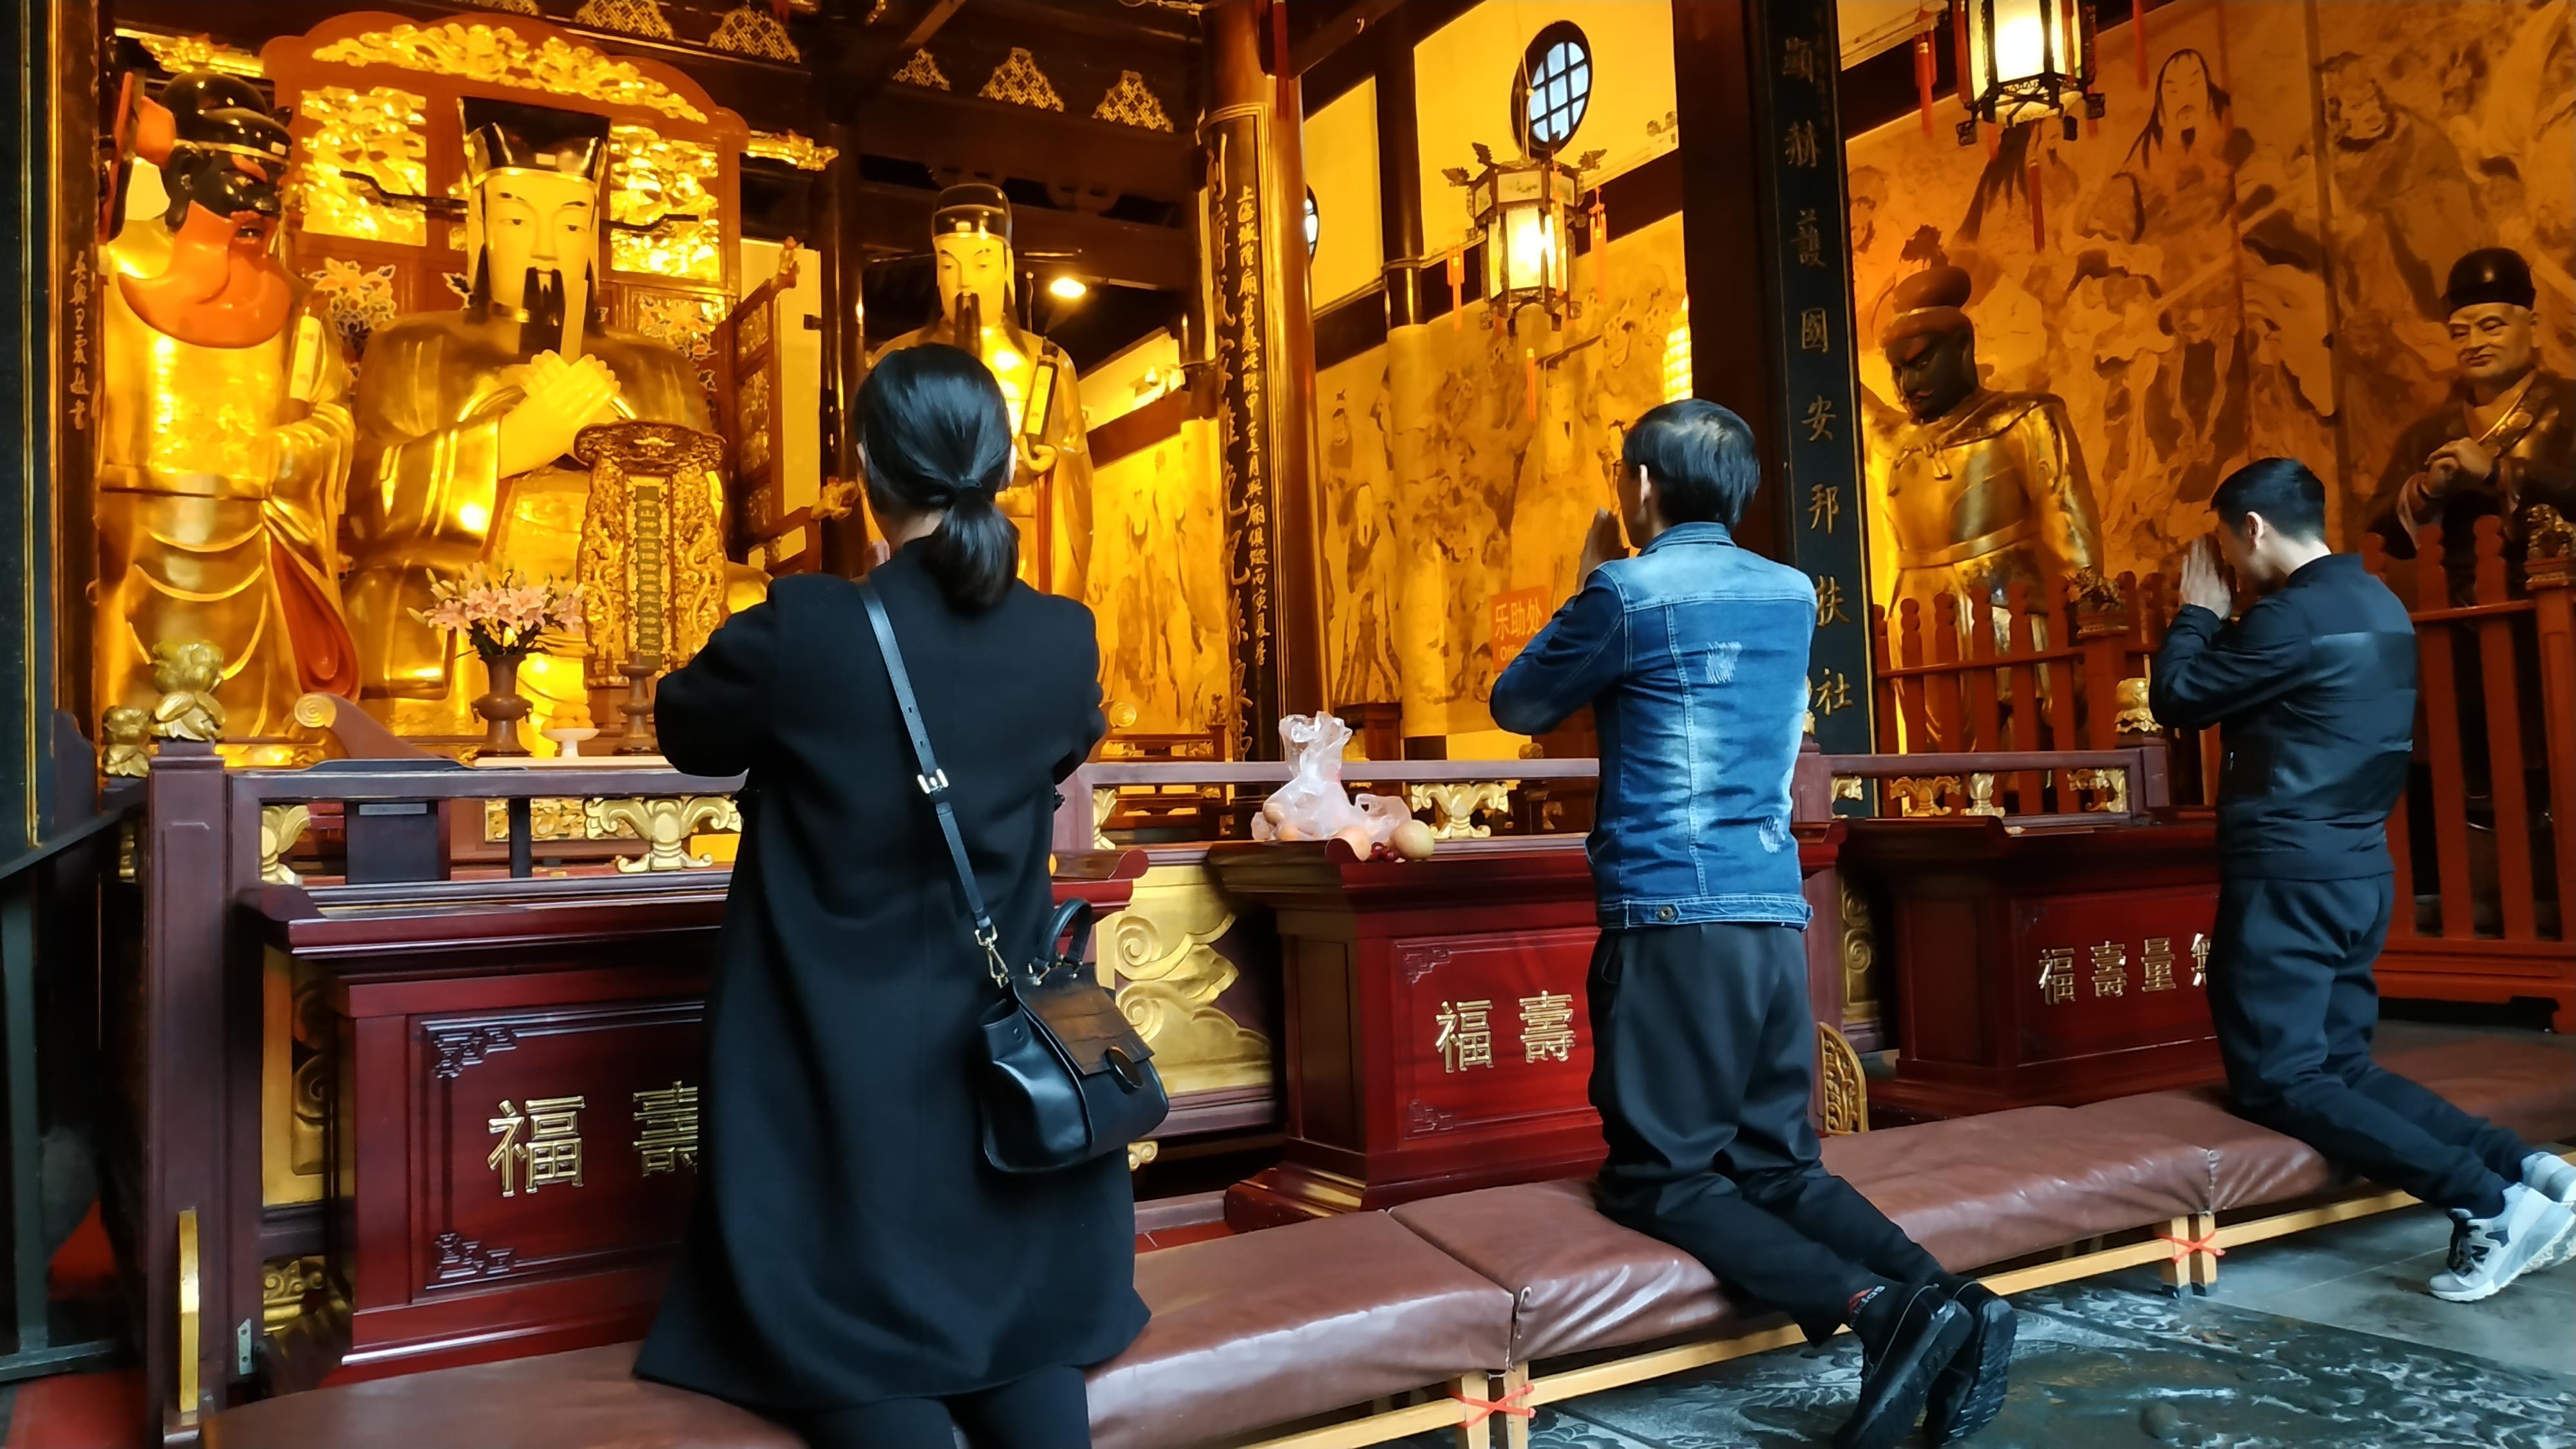 Единой религии в мегаполисе нет, но наибольшее распространение получили пять направлений: Буддизм; Протестантство; Даосизм; Католицизм; Ислам